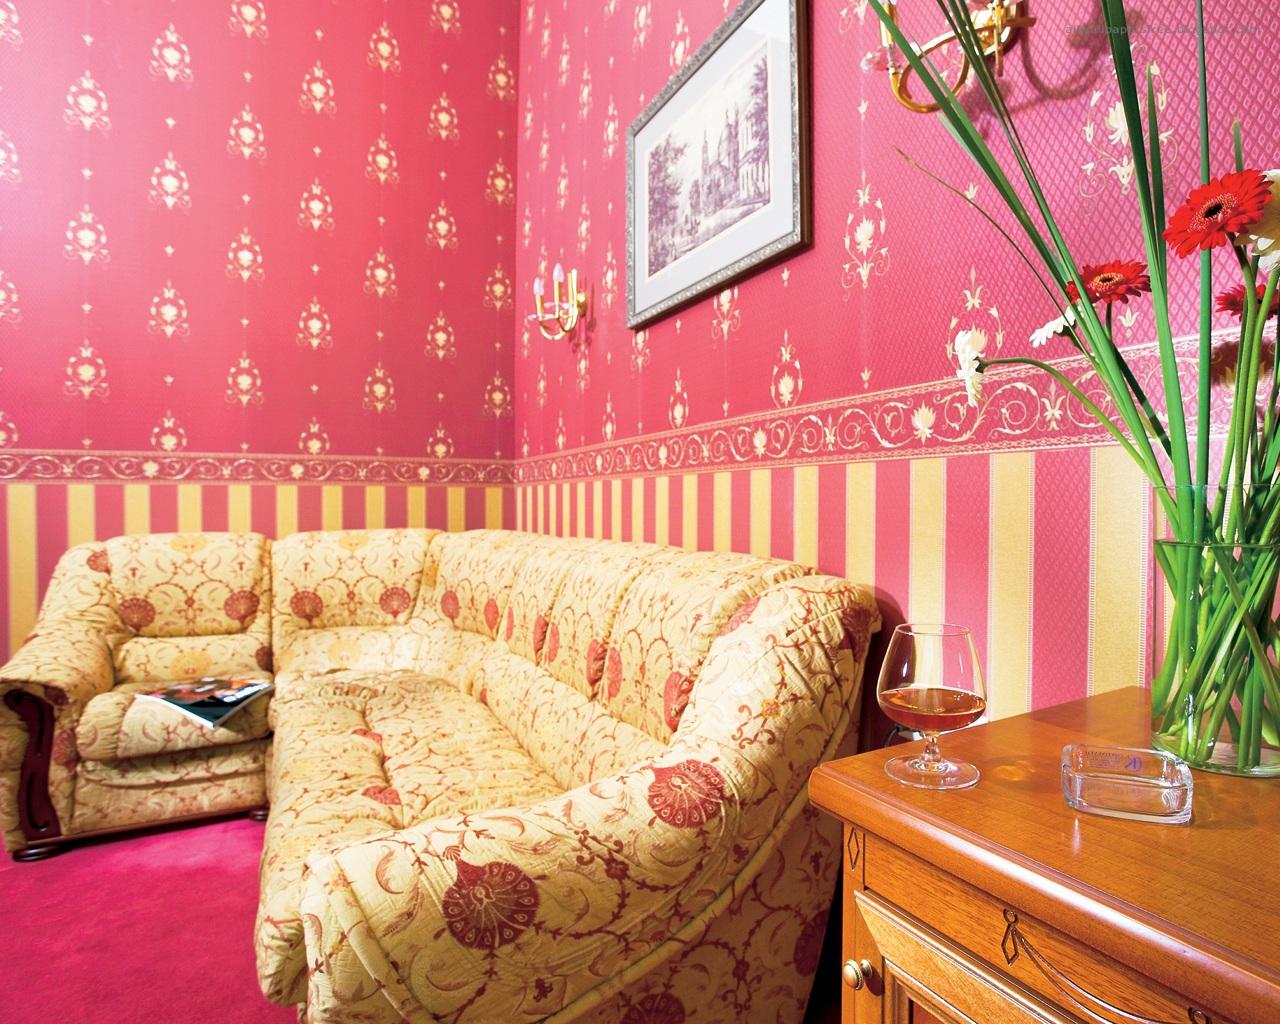 http://1.bp.blogspot.com/-SZOYjP1s-wI/UC0xUnmurNI/AAAAAAAAP0g/iJtZvUEC10E/s1600/Awesome+Hotels+Interior+Design+HD+%255Ballcoolwalls.blogspot.com%255D+Cool+Wallpapers+%252818%2529.jpg